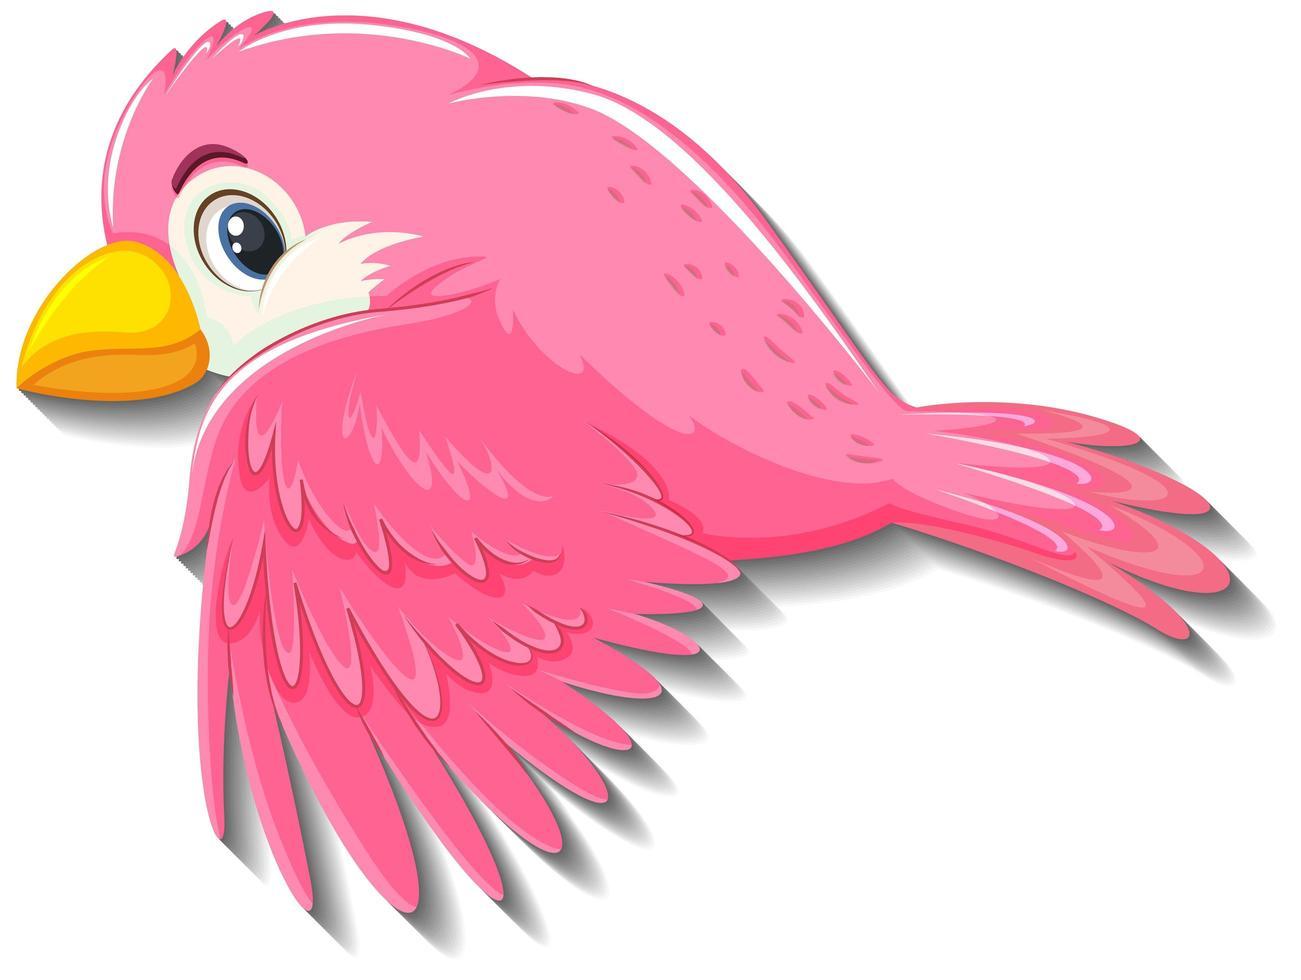 personaje de dibujos animados lindo pájaro rosa vector